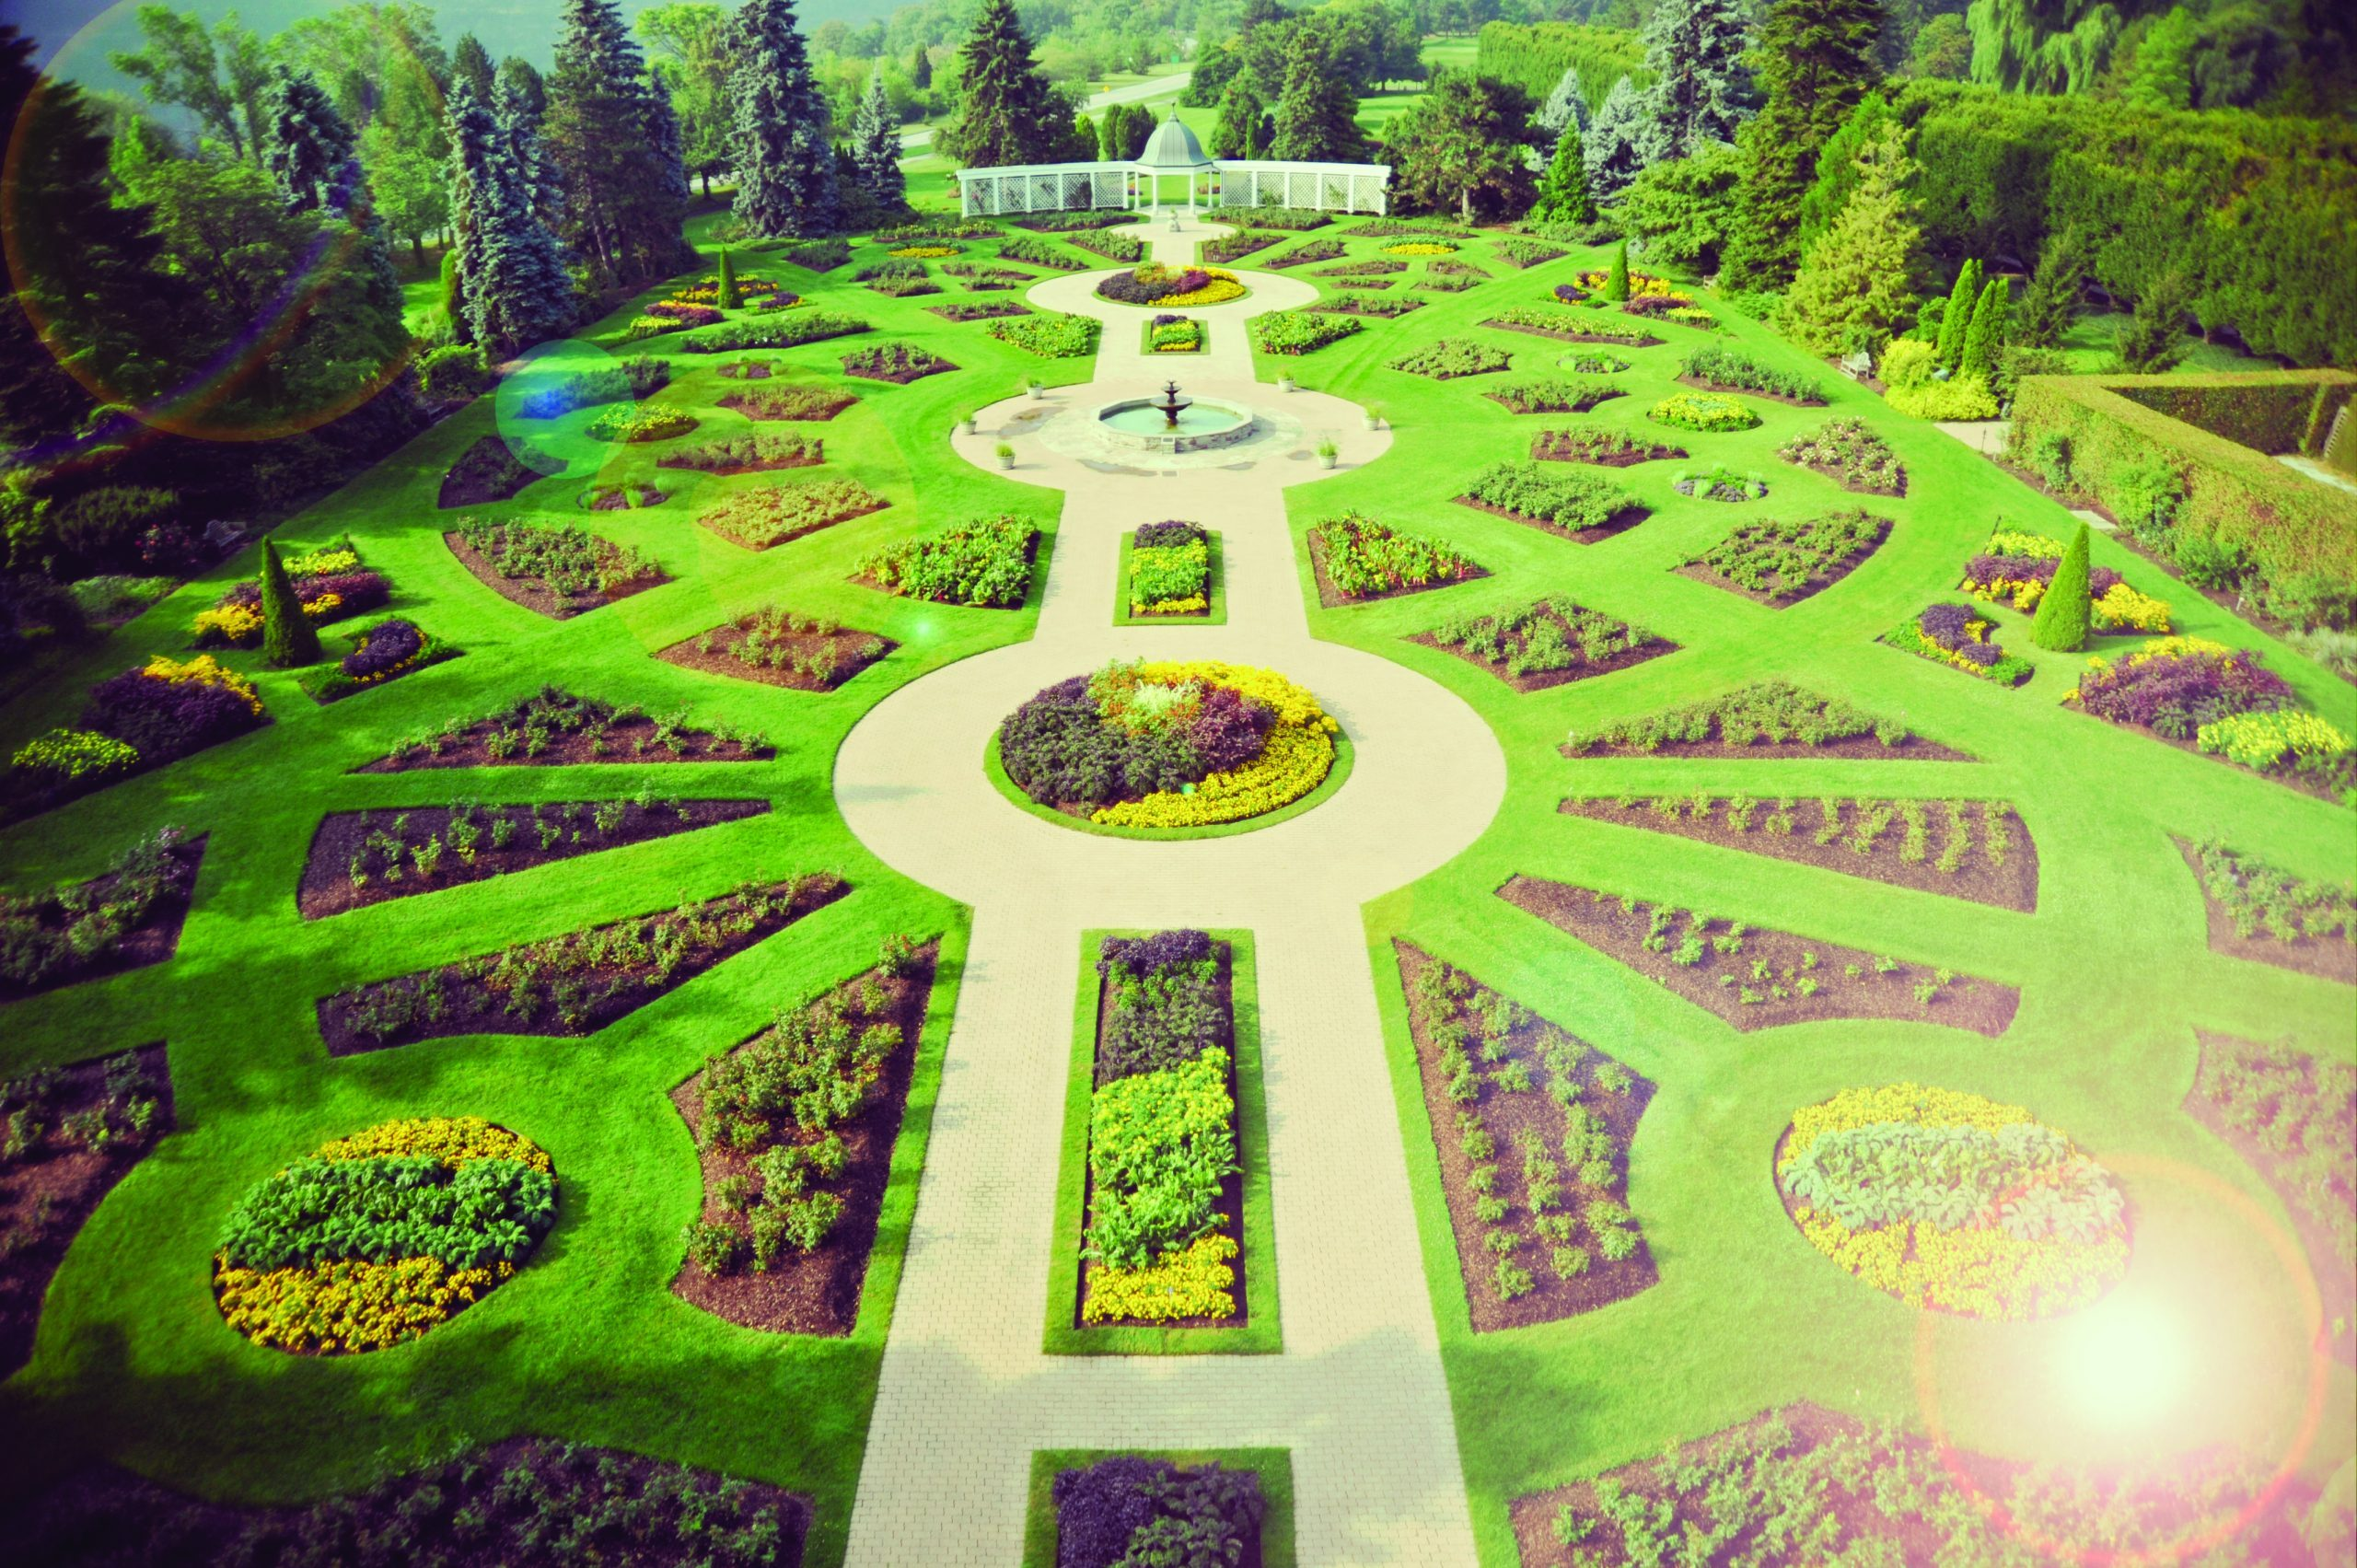 Niagara Parks Botanical Gardens